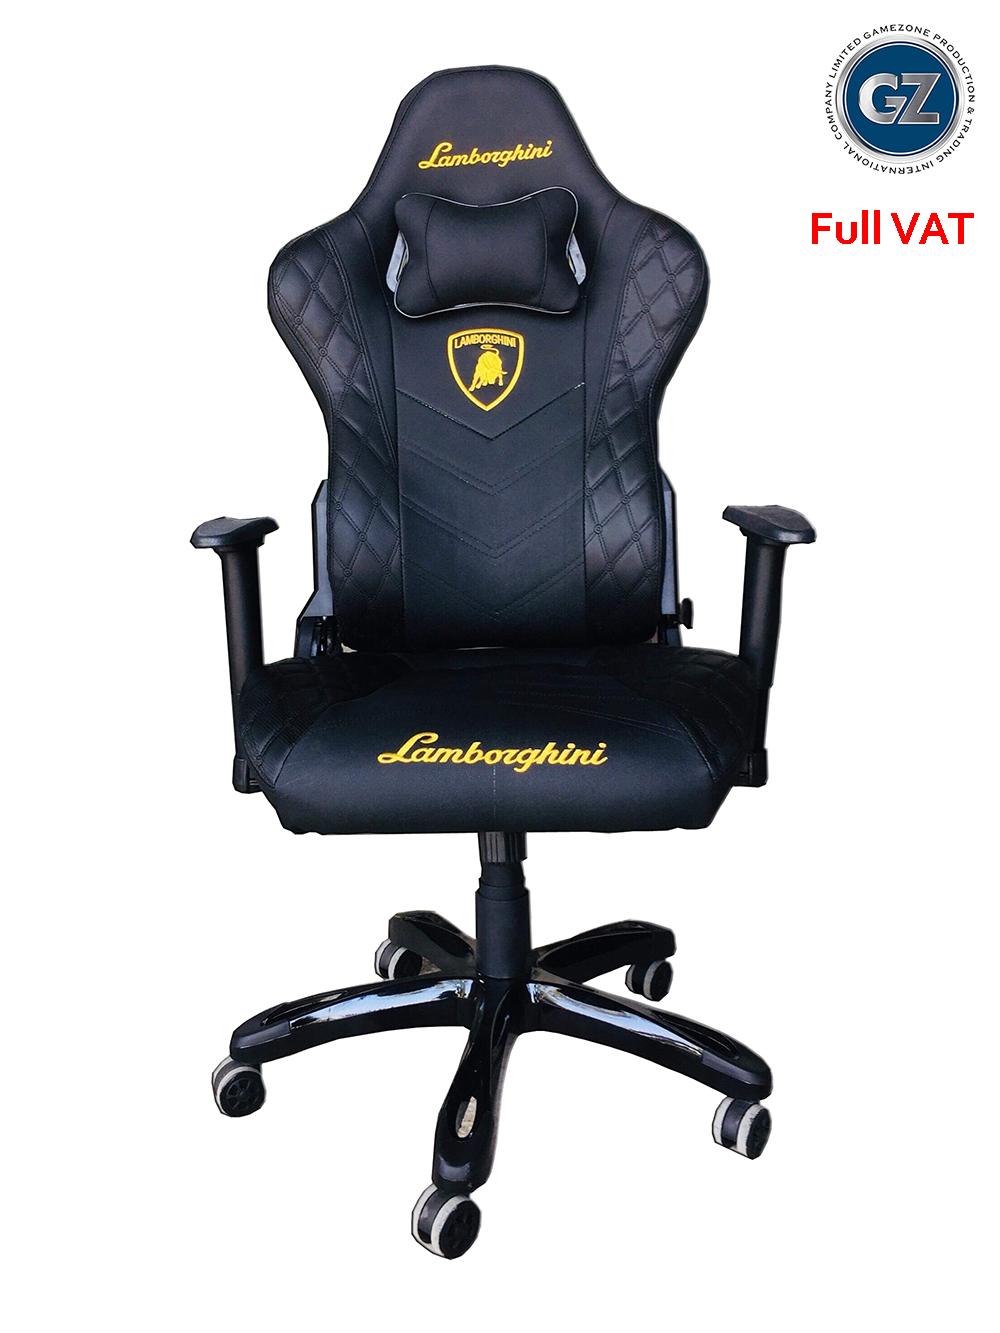 Vua của ghế gaming - Lamborghini Series